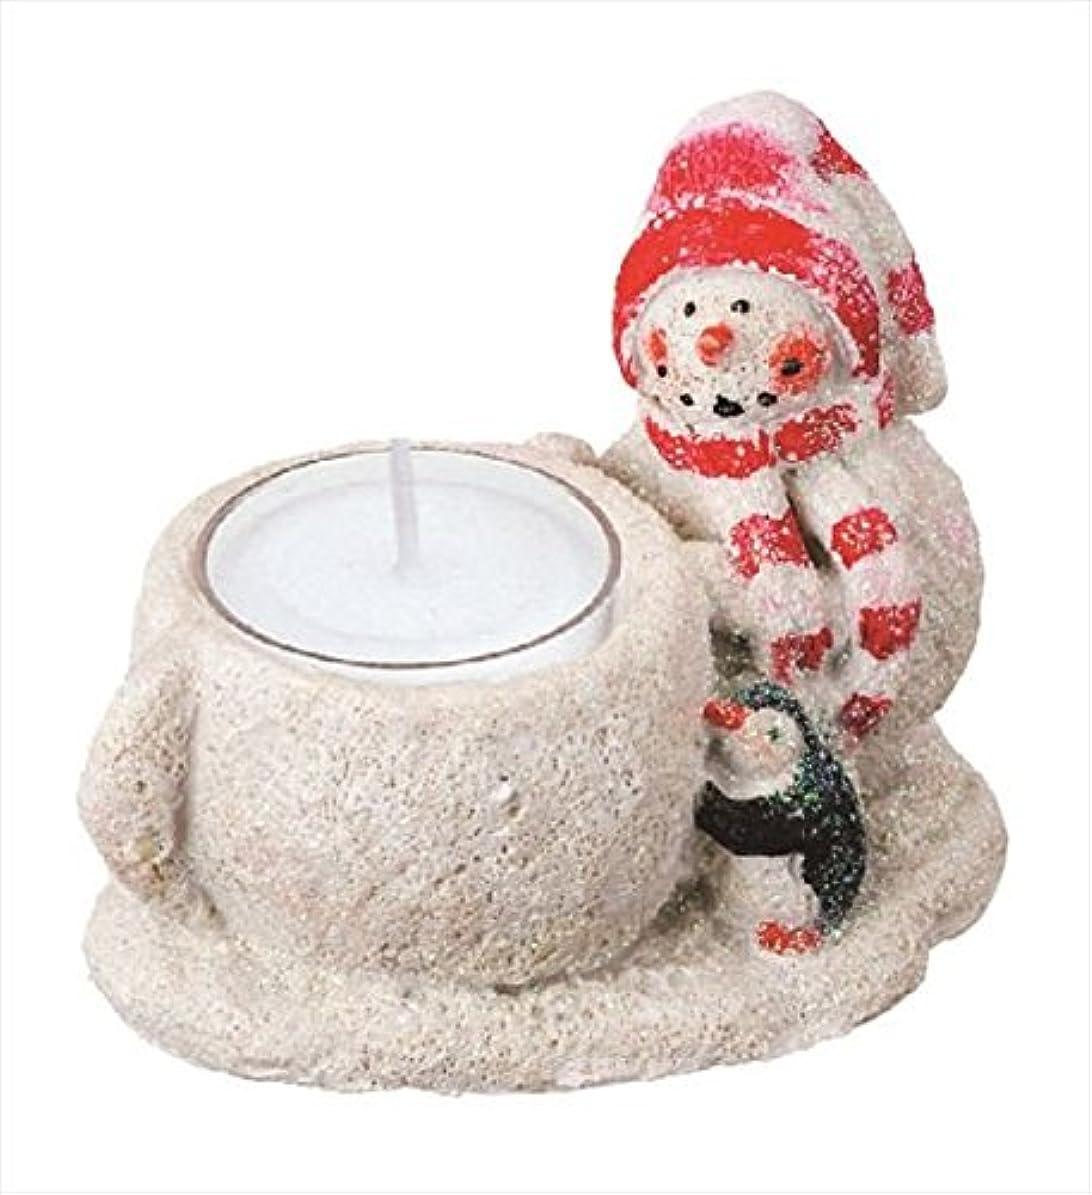 講堂噴水可決kameyama candle(カメヤマキャンドル) グリッタースノーマンホルダー 「 レッド 」(J5520000R)